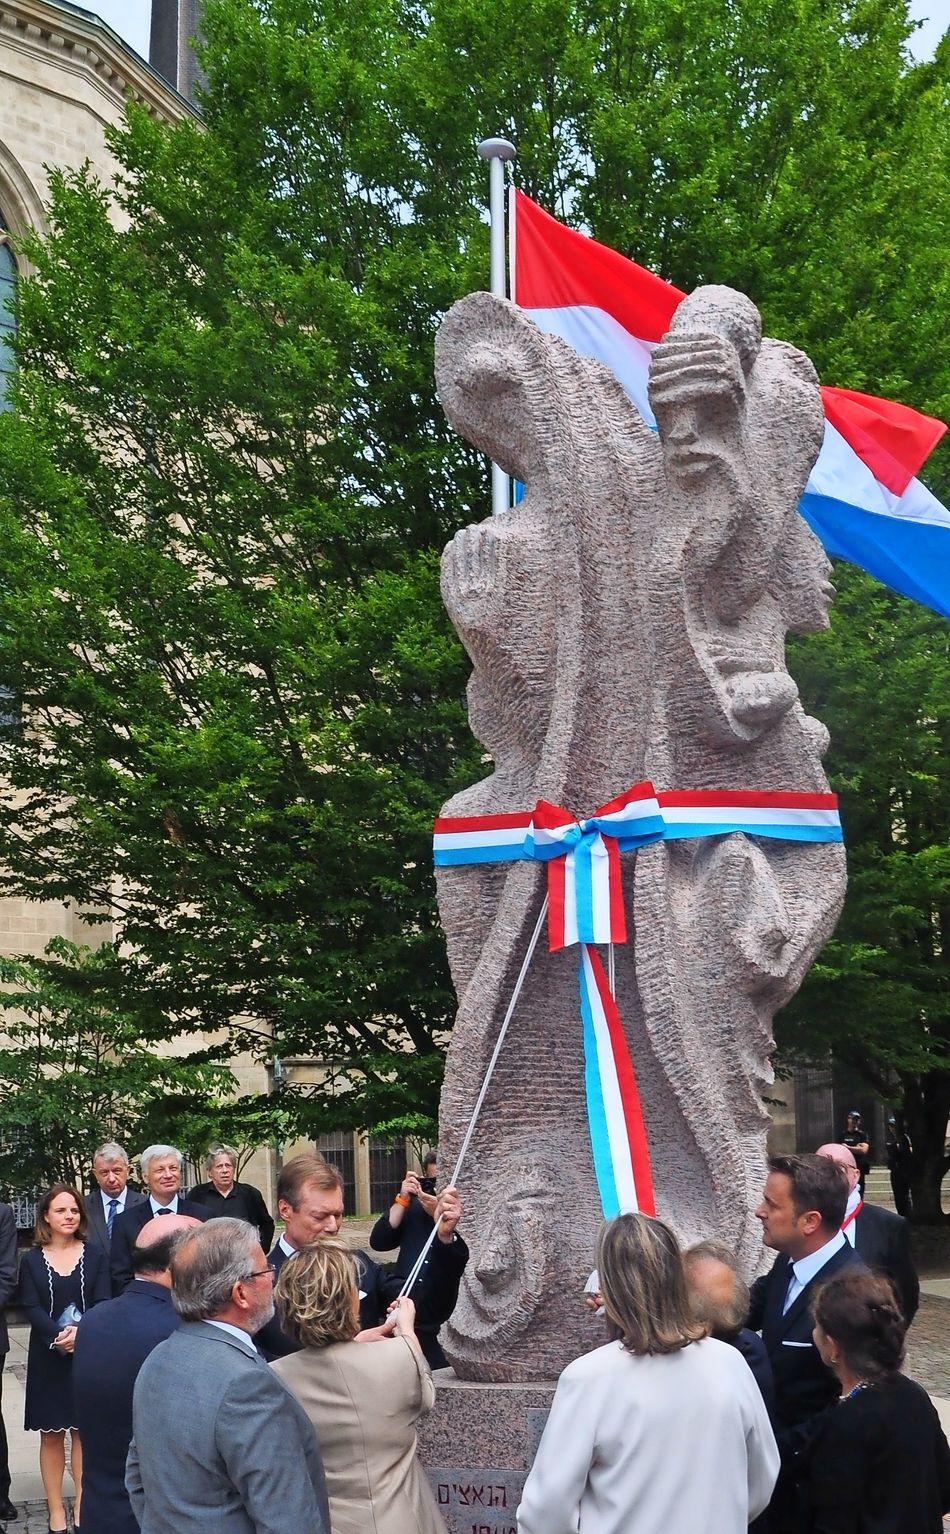 Bildergebnis für Luxemburg holocaust skulptur